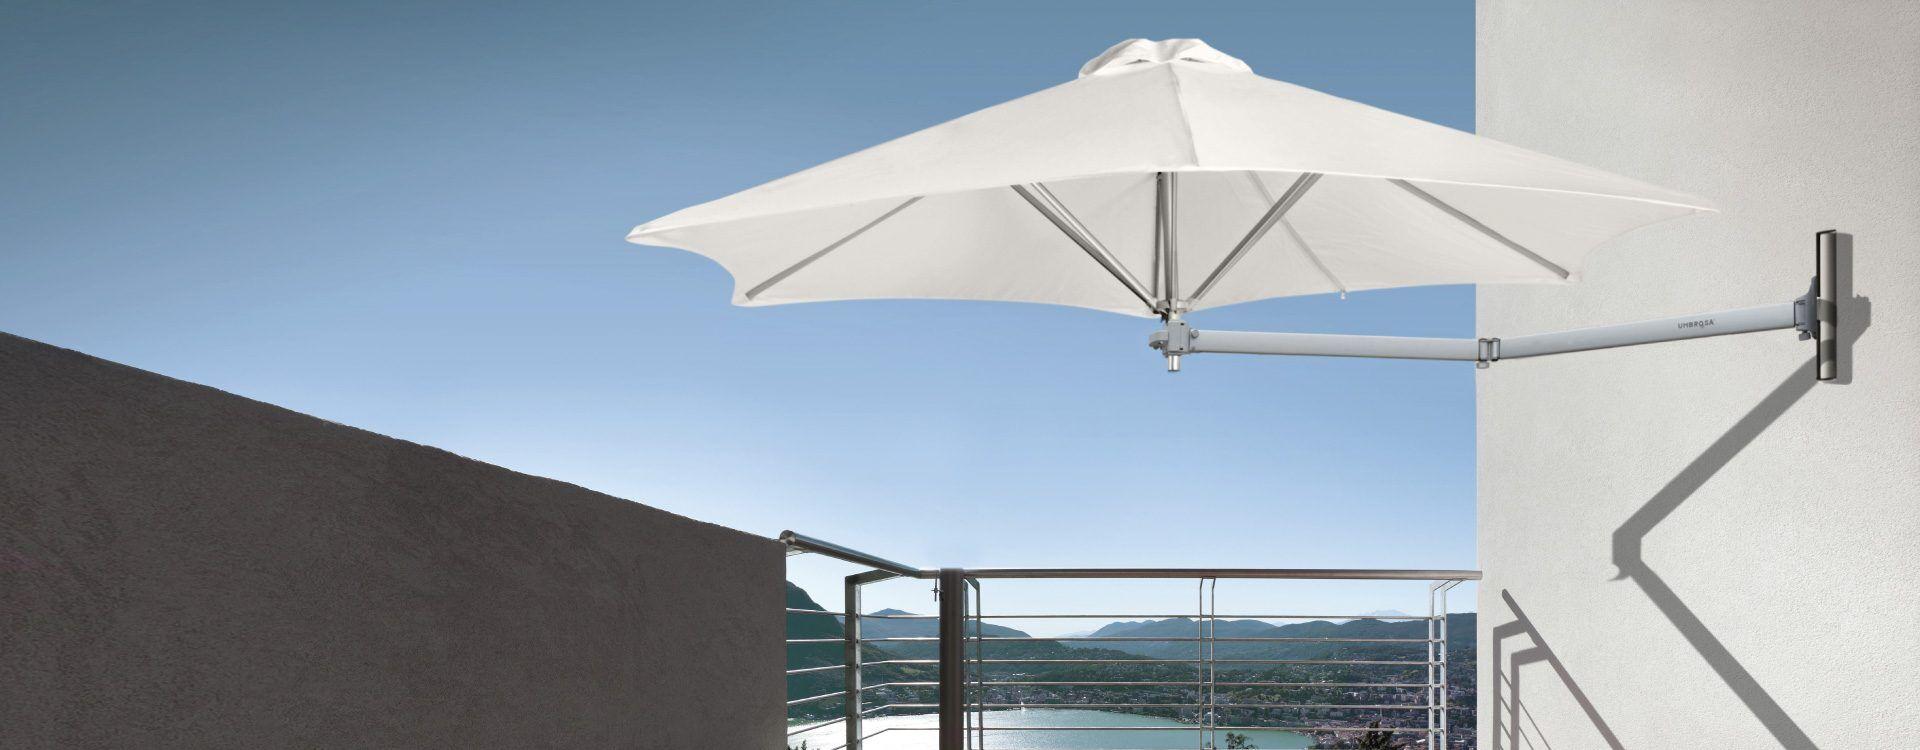 Wall Mounted Outdoor Sun Umbrella